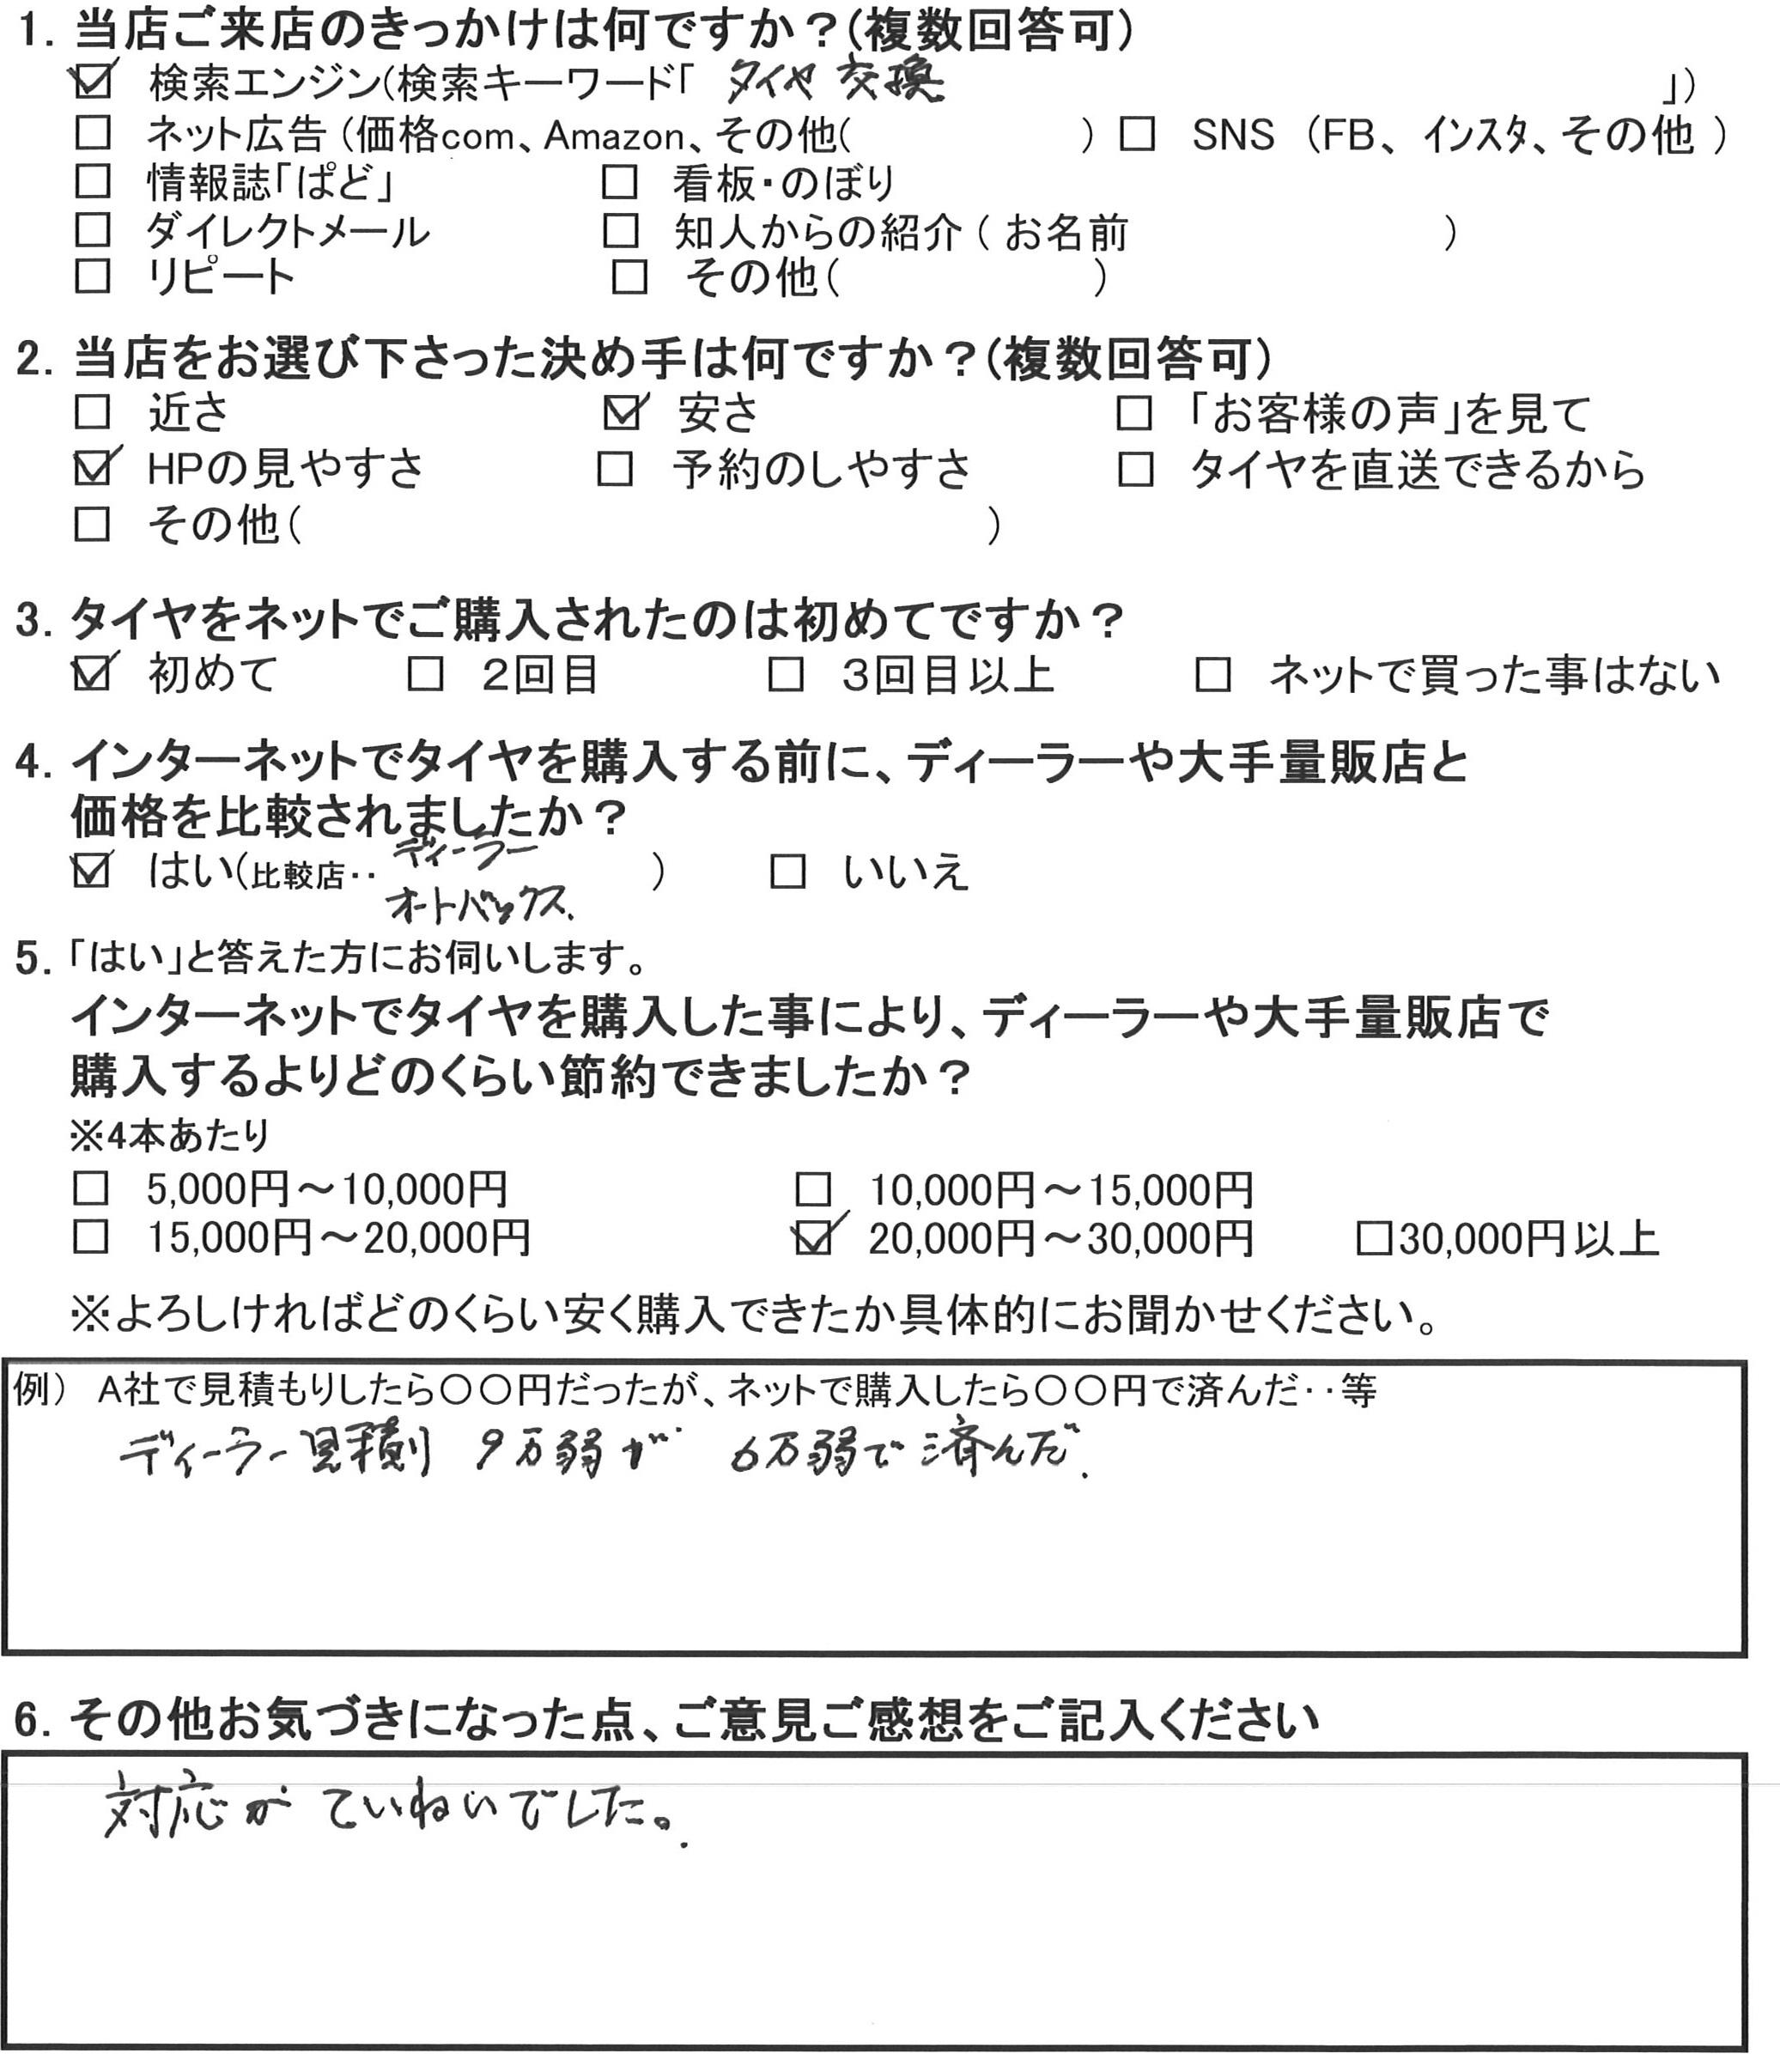 川崎市S様 ホンダオデッセイのタイヤ交換で約3万円のお得♪「対応が丁寧でした」